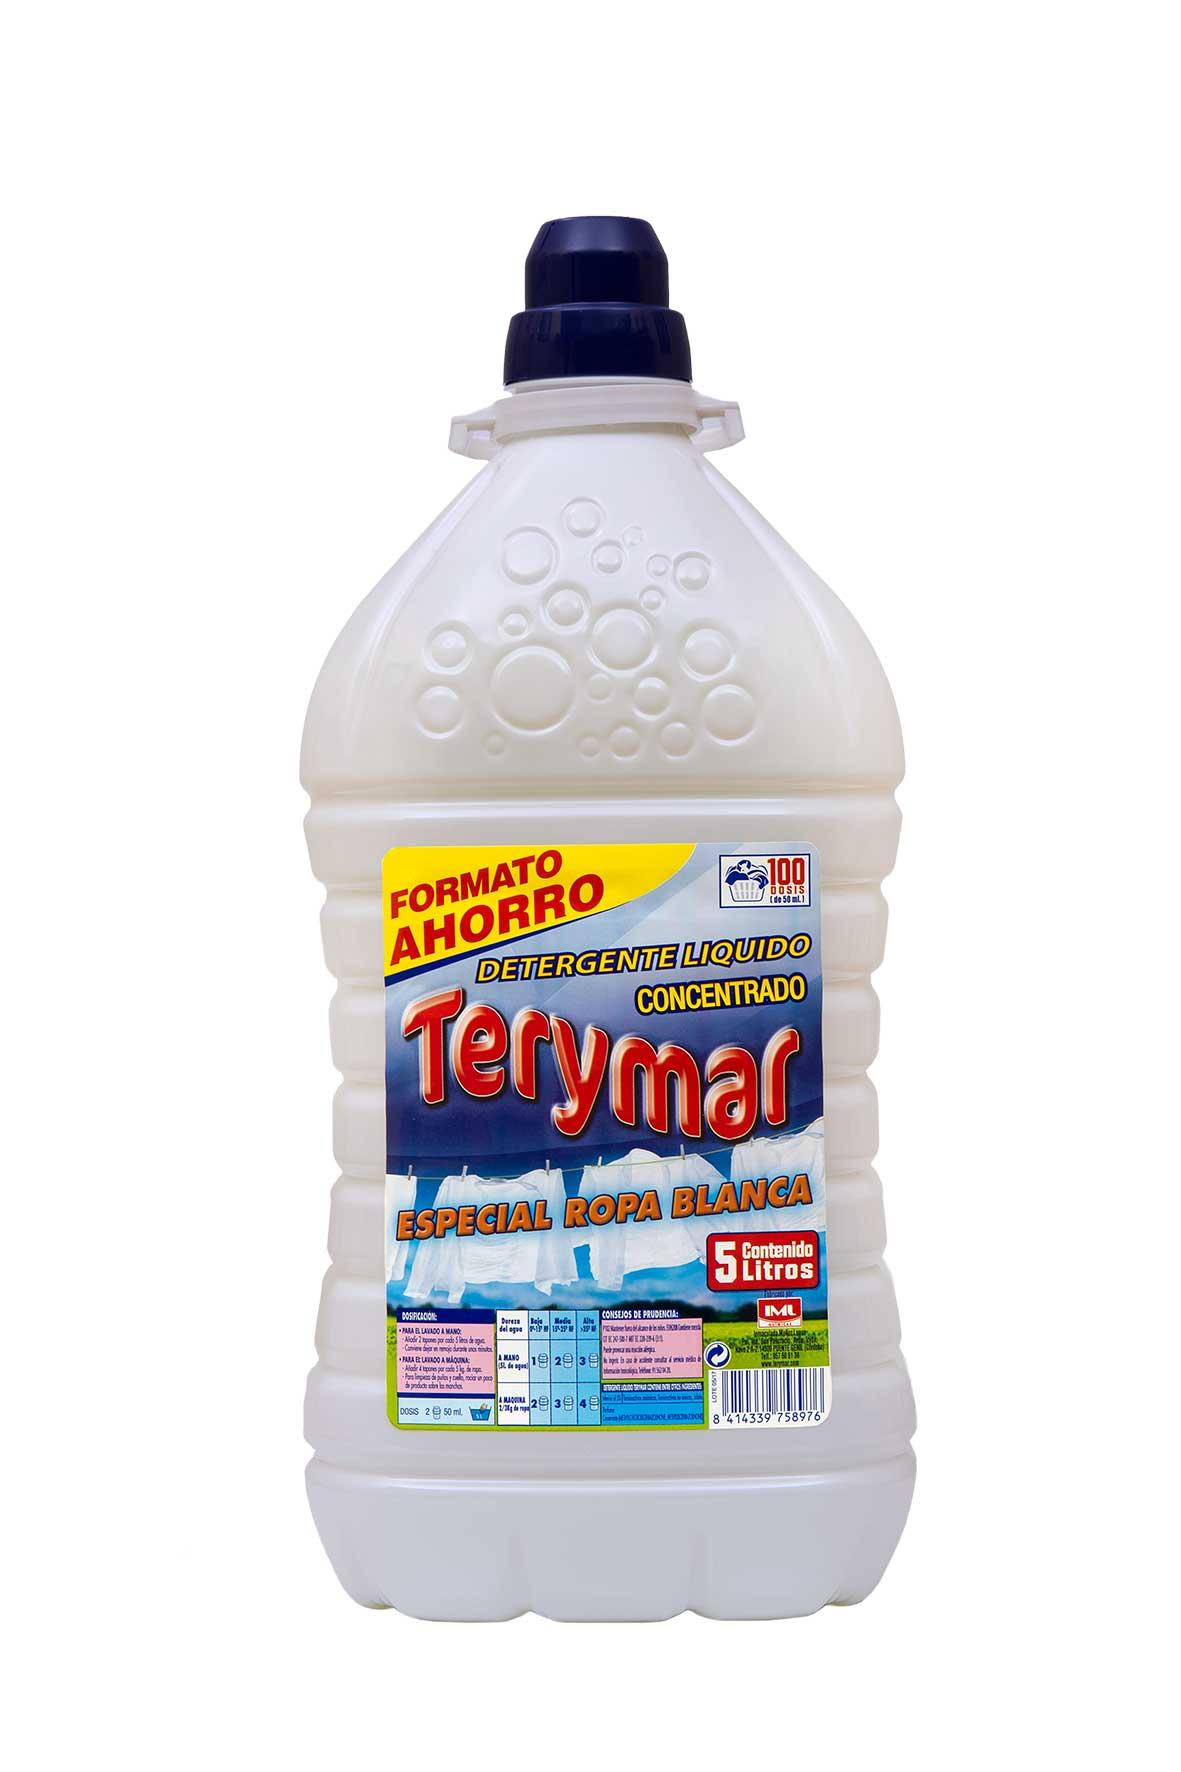 Detergente Liquido Concentrado Especial Ropa Blanca 5L